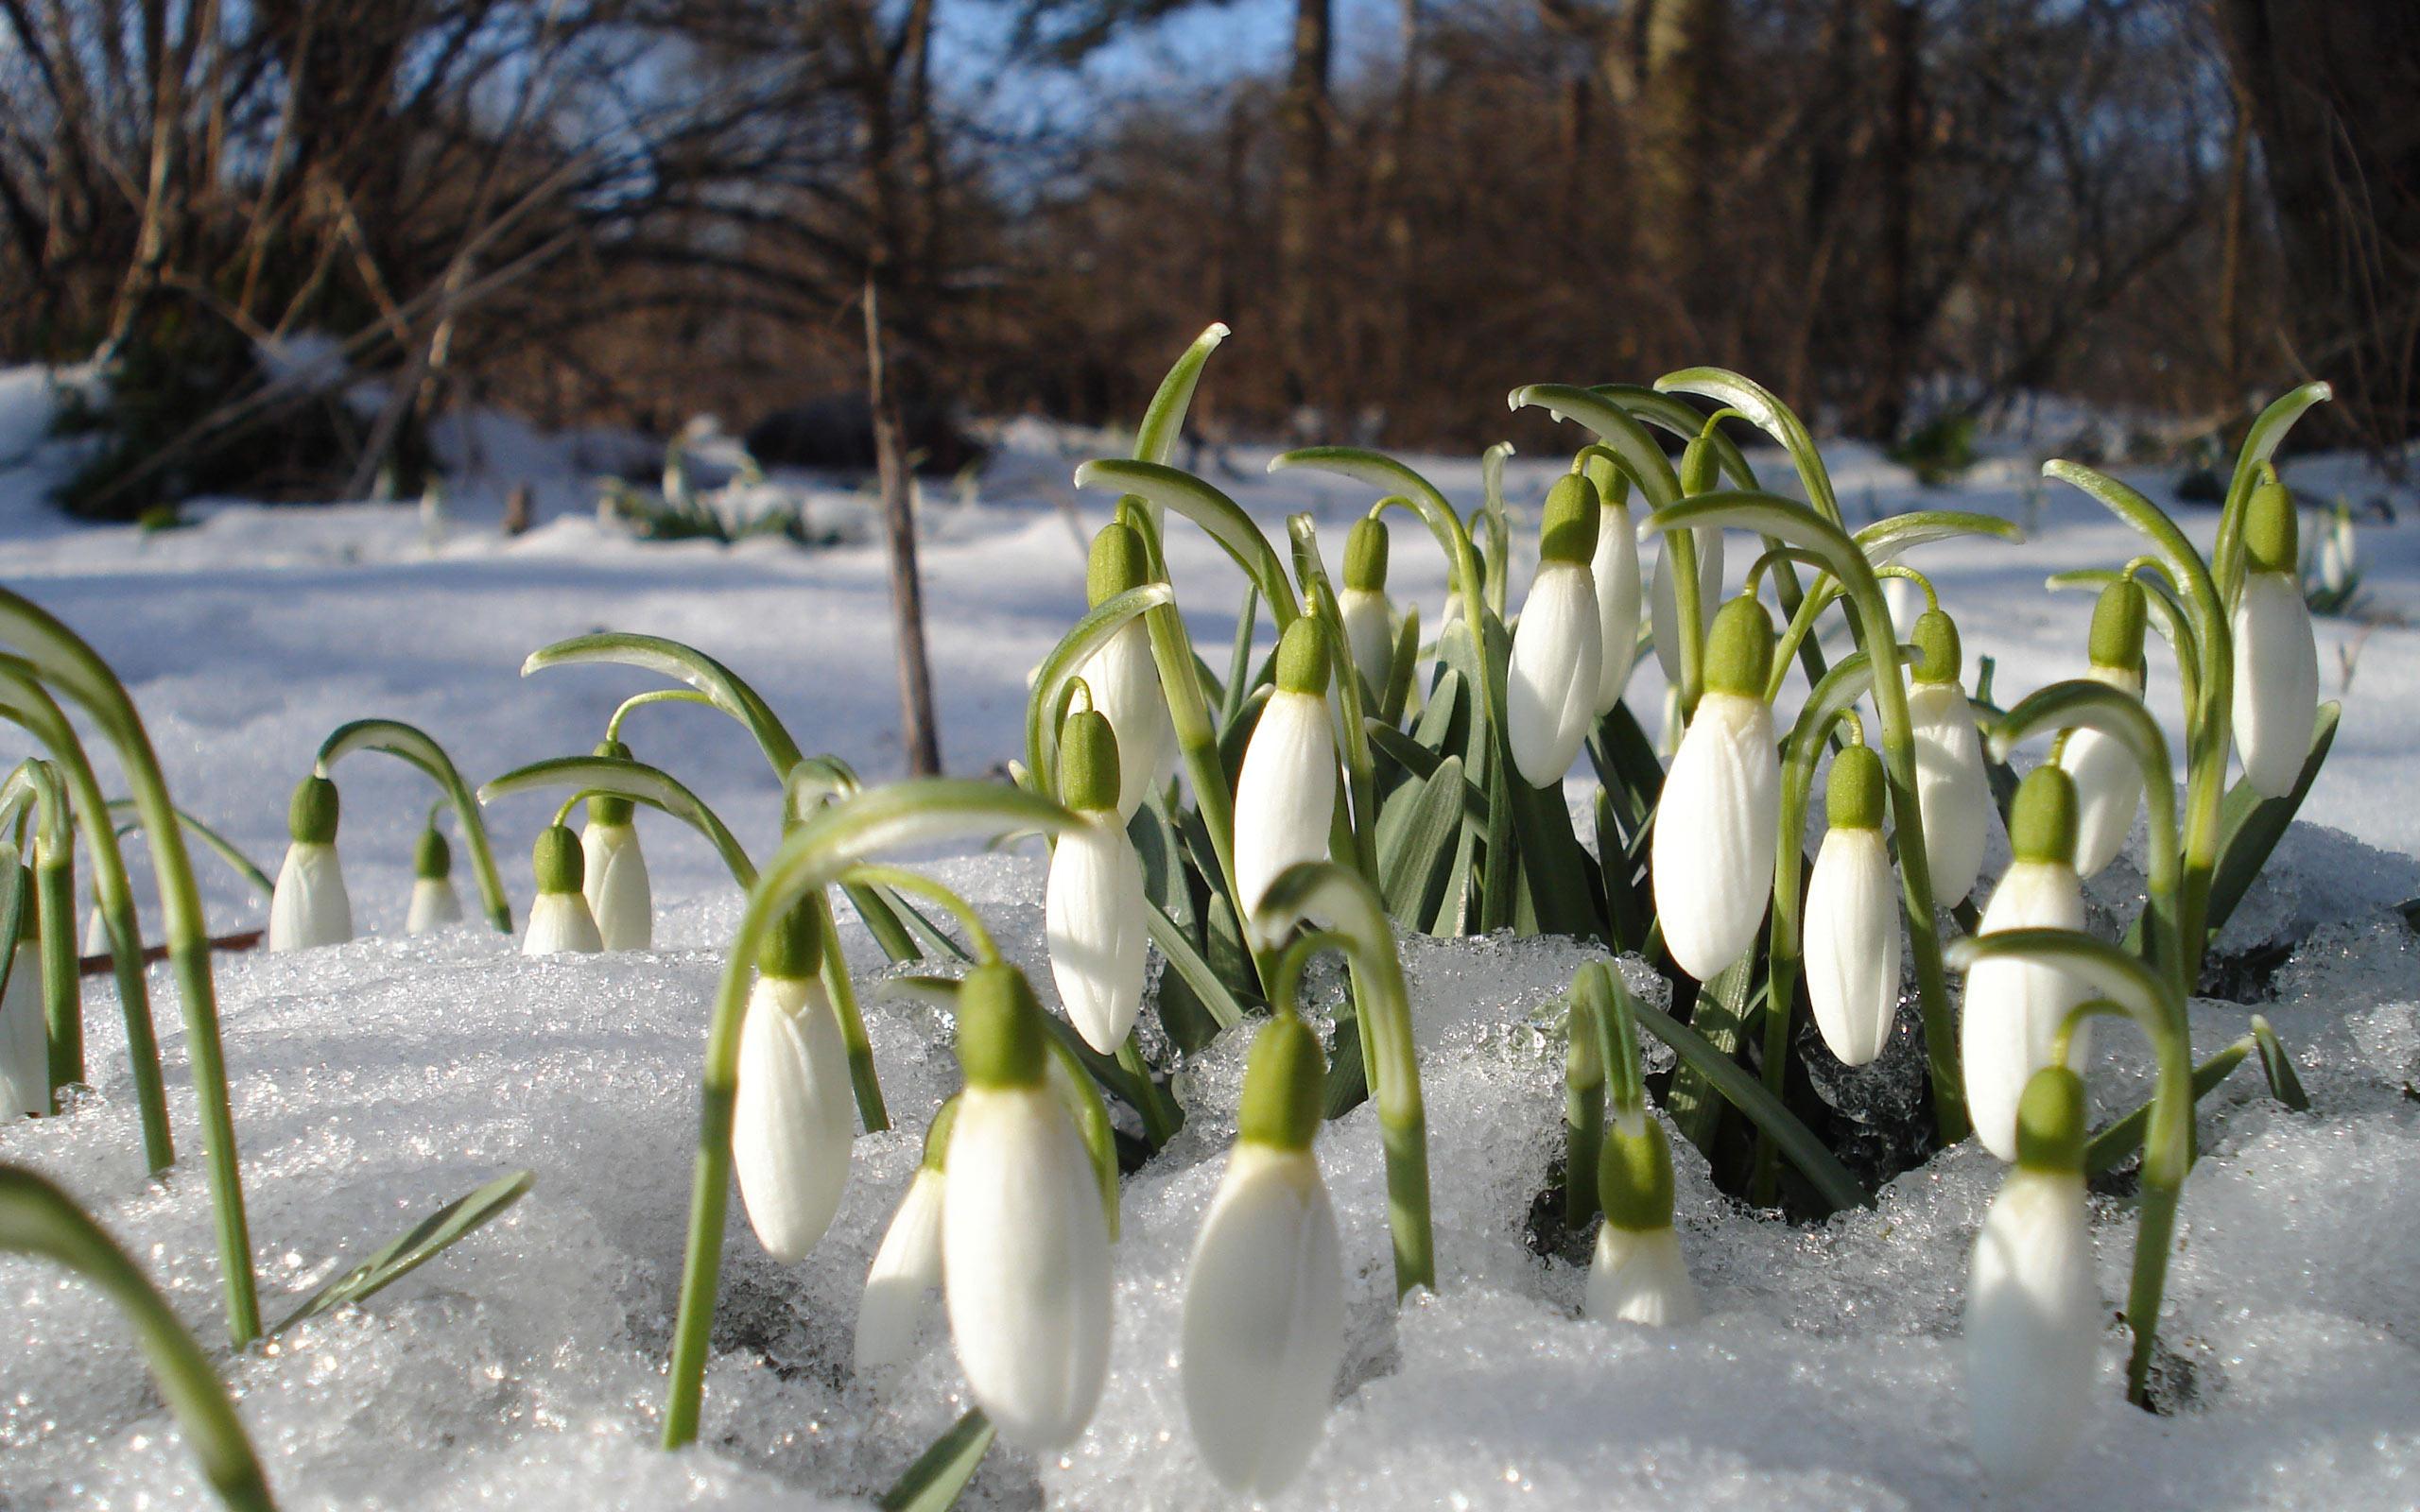 Март это весна или зима намерены